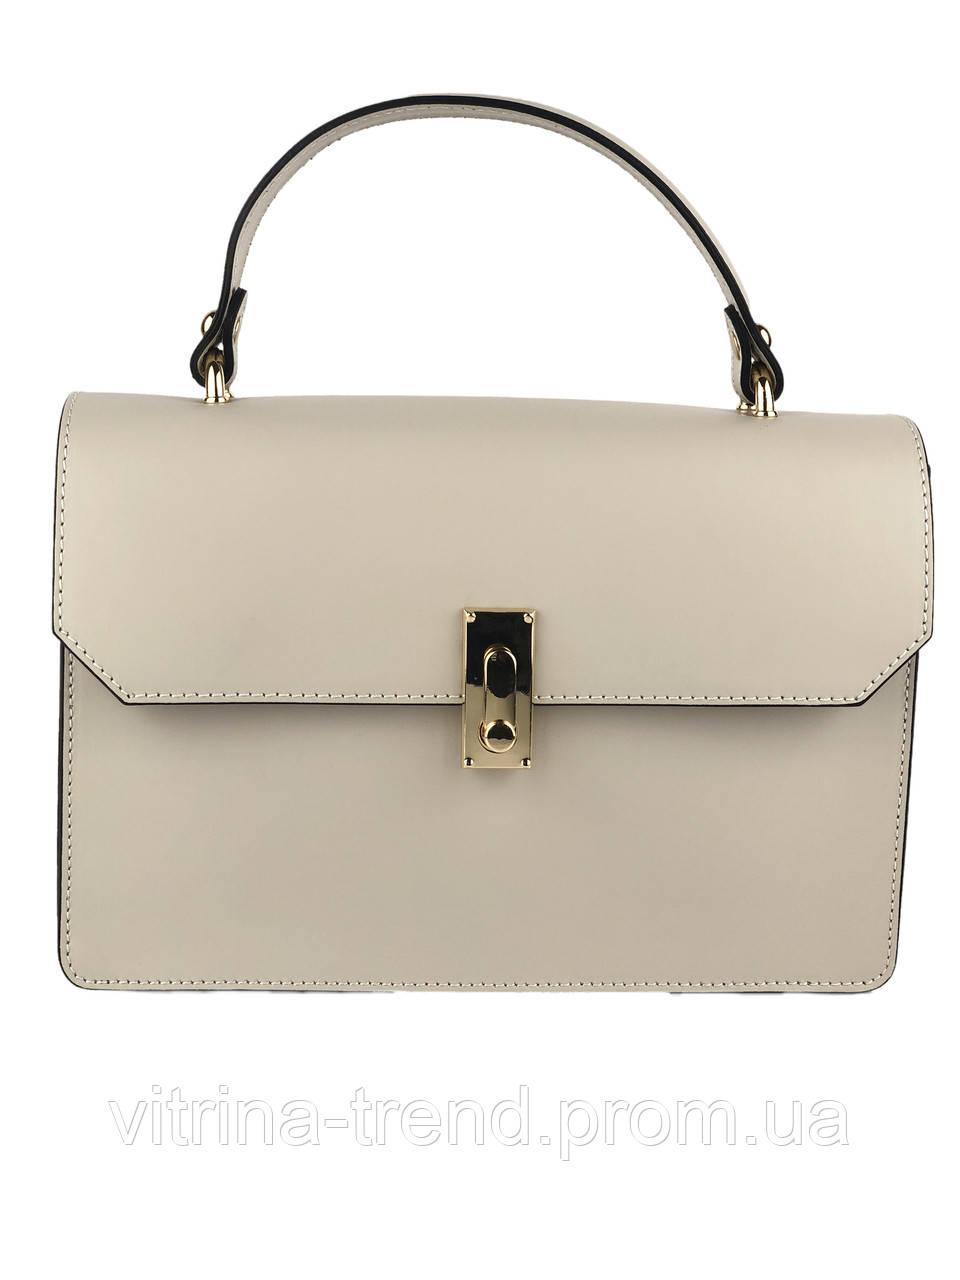 cd747b823174 Итальянская кожаная сумочка Vera Pelle, цена 1 200 грн., купить в ...